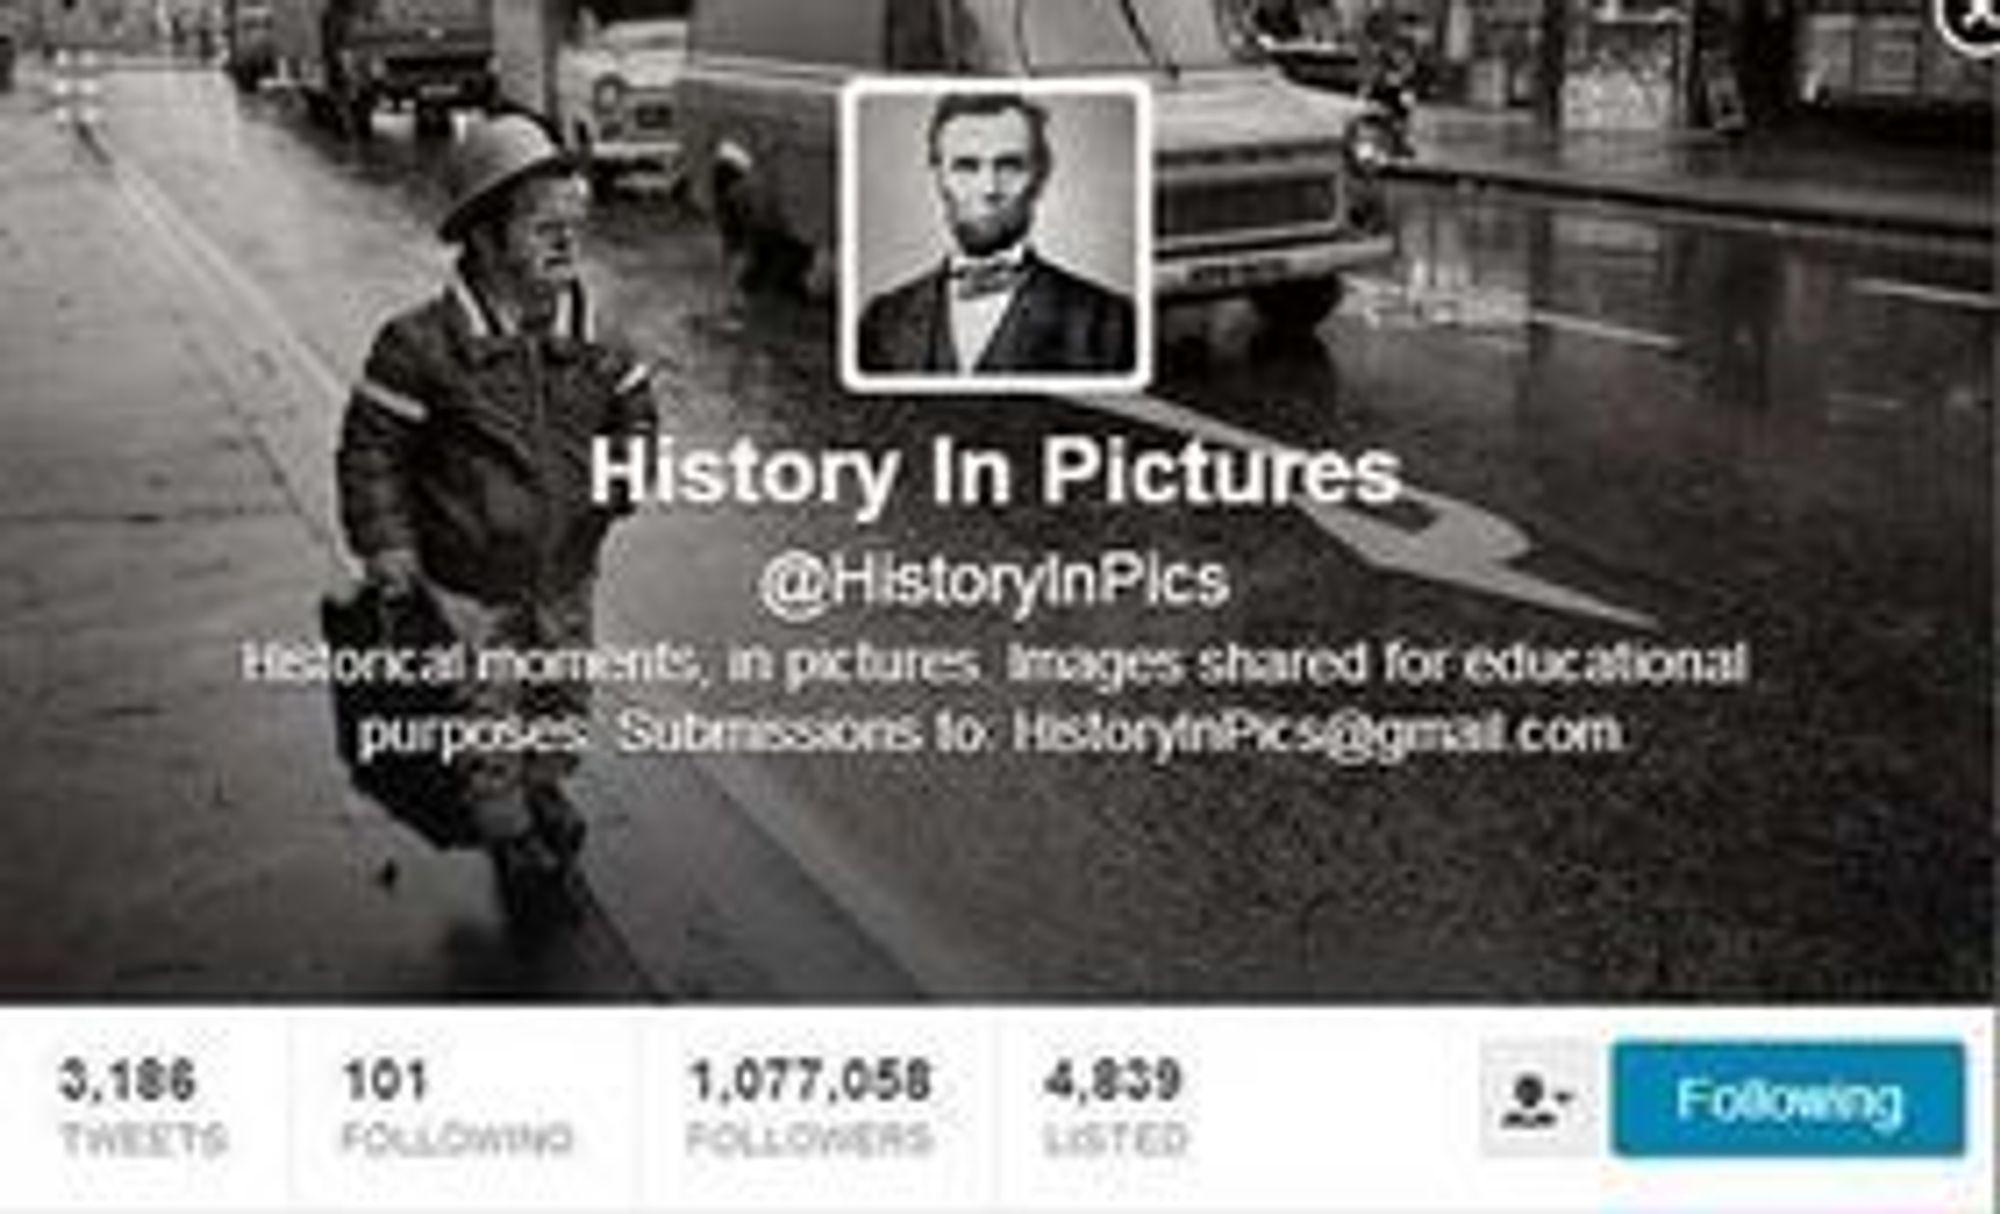 History In Pictures-kontoen ble opprettet i juli i fjor, og har passert en million følgere.